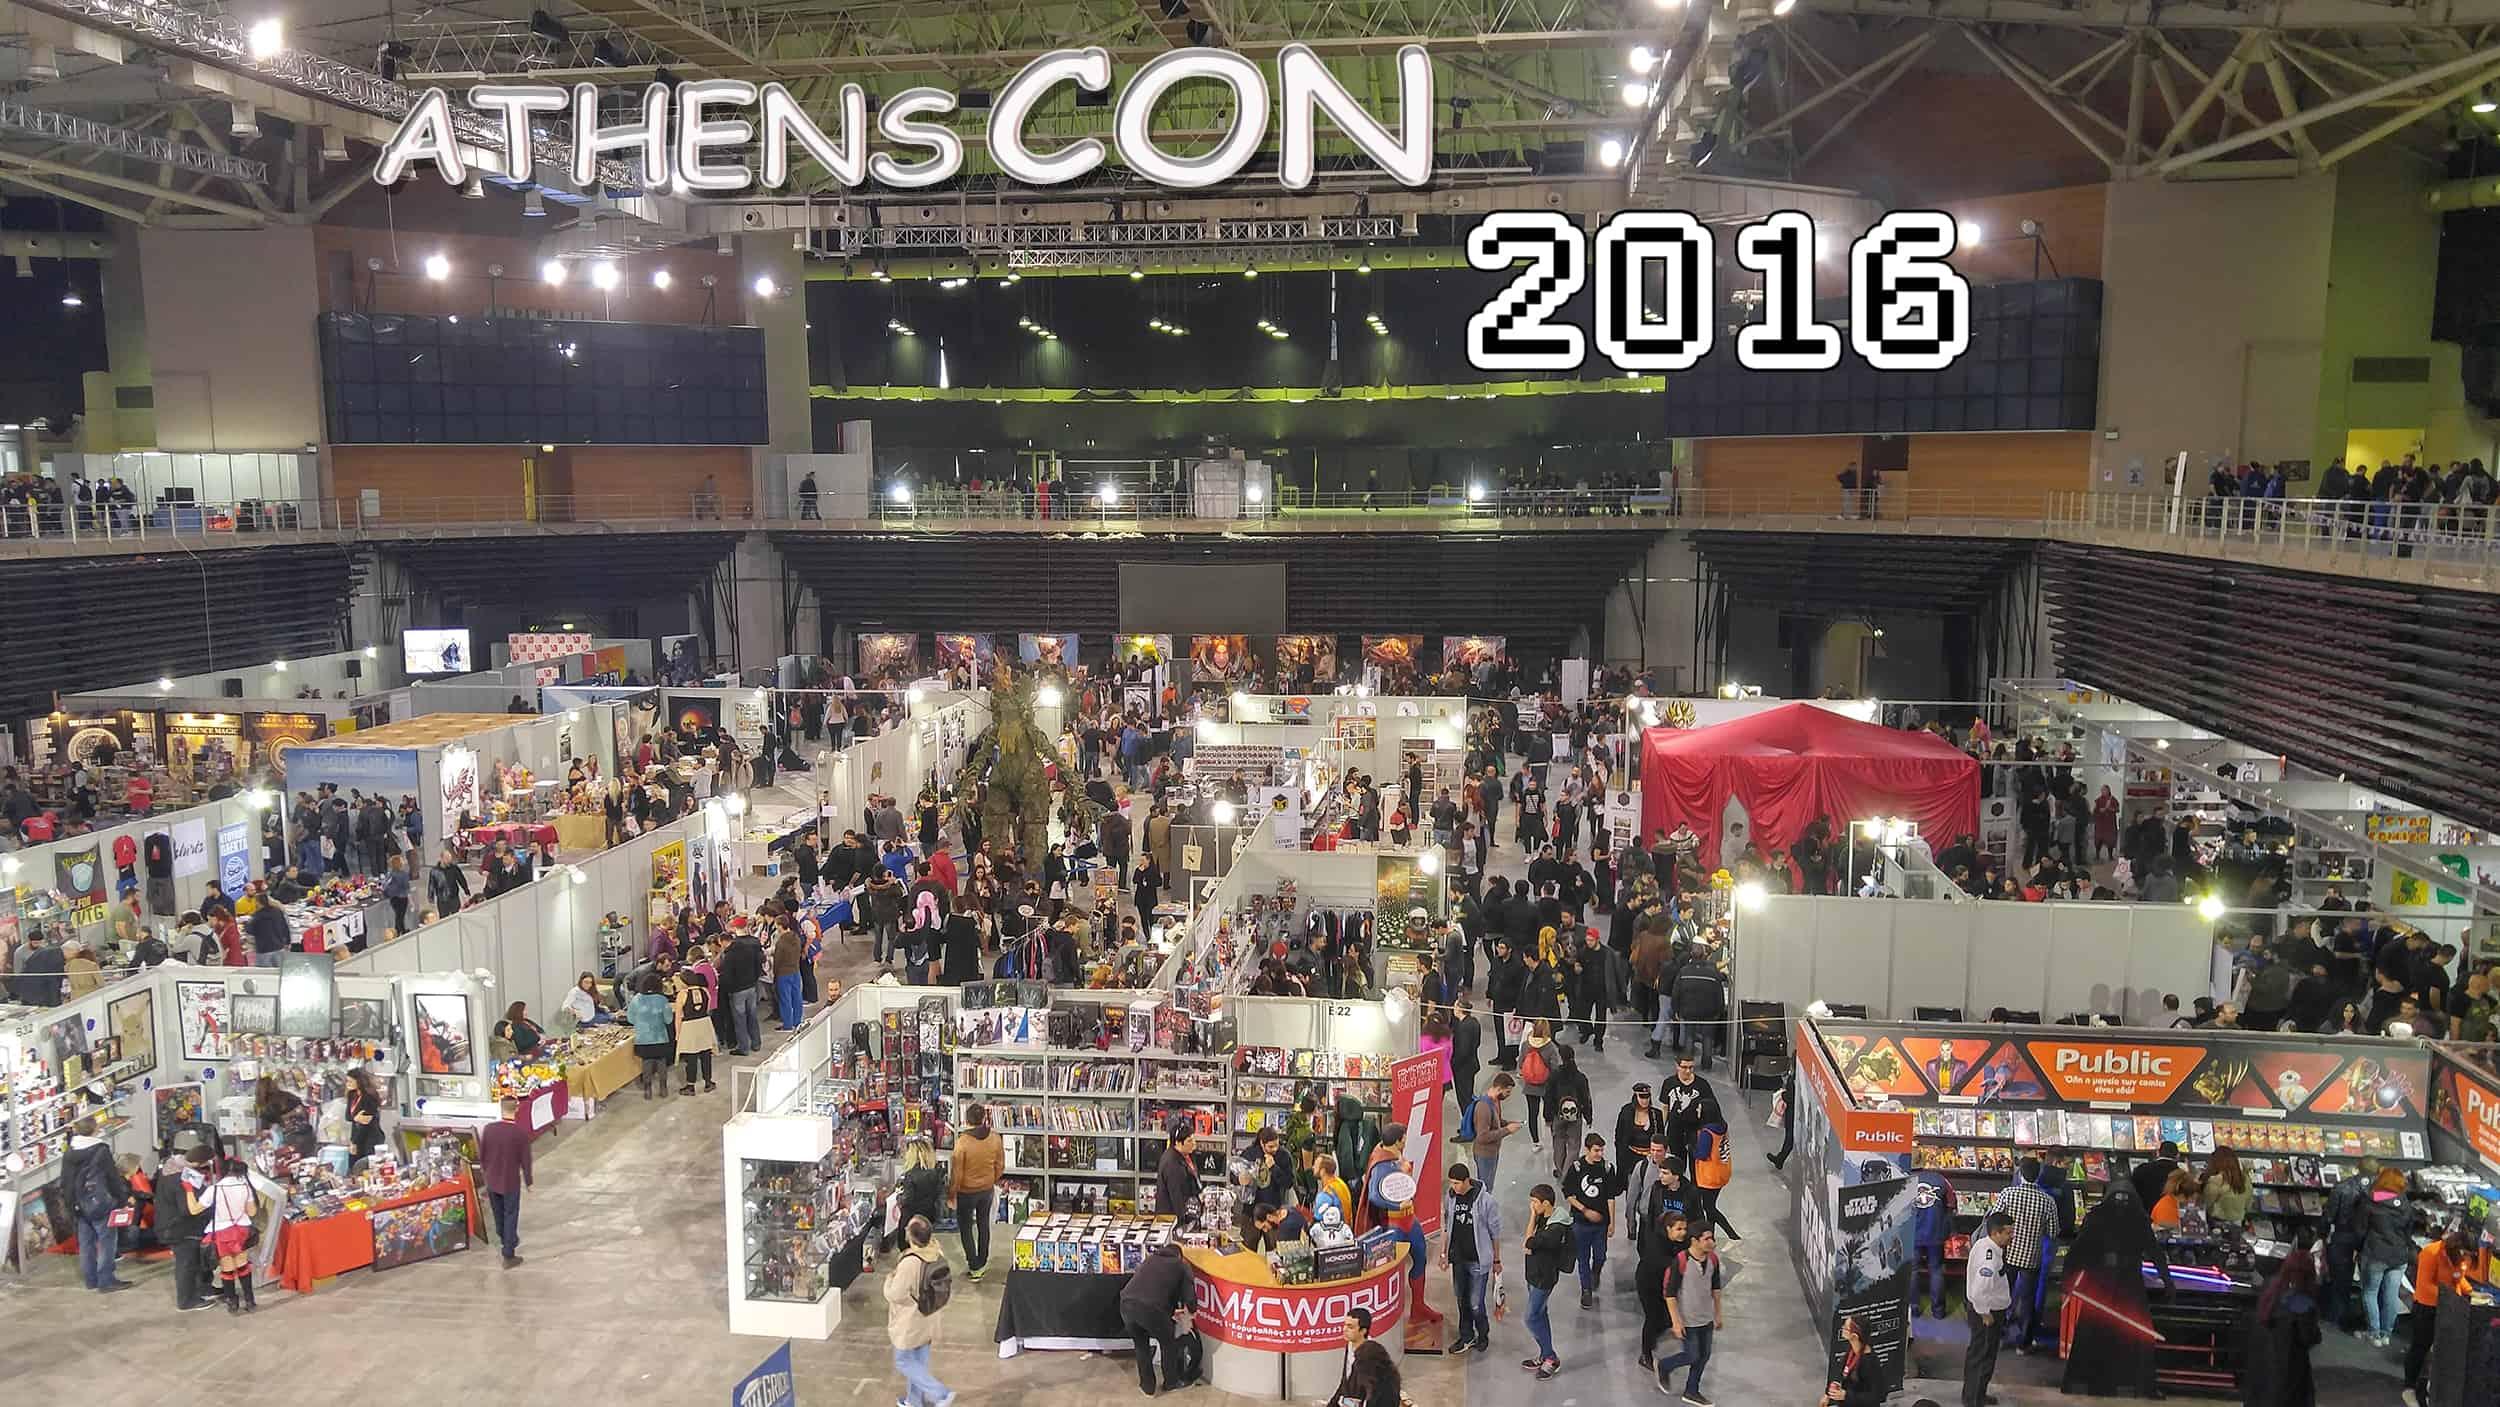 athenscon-gsok-01